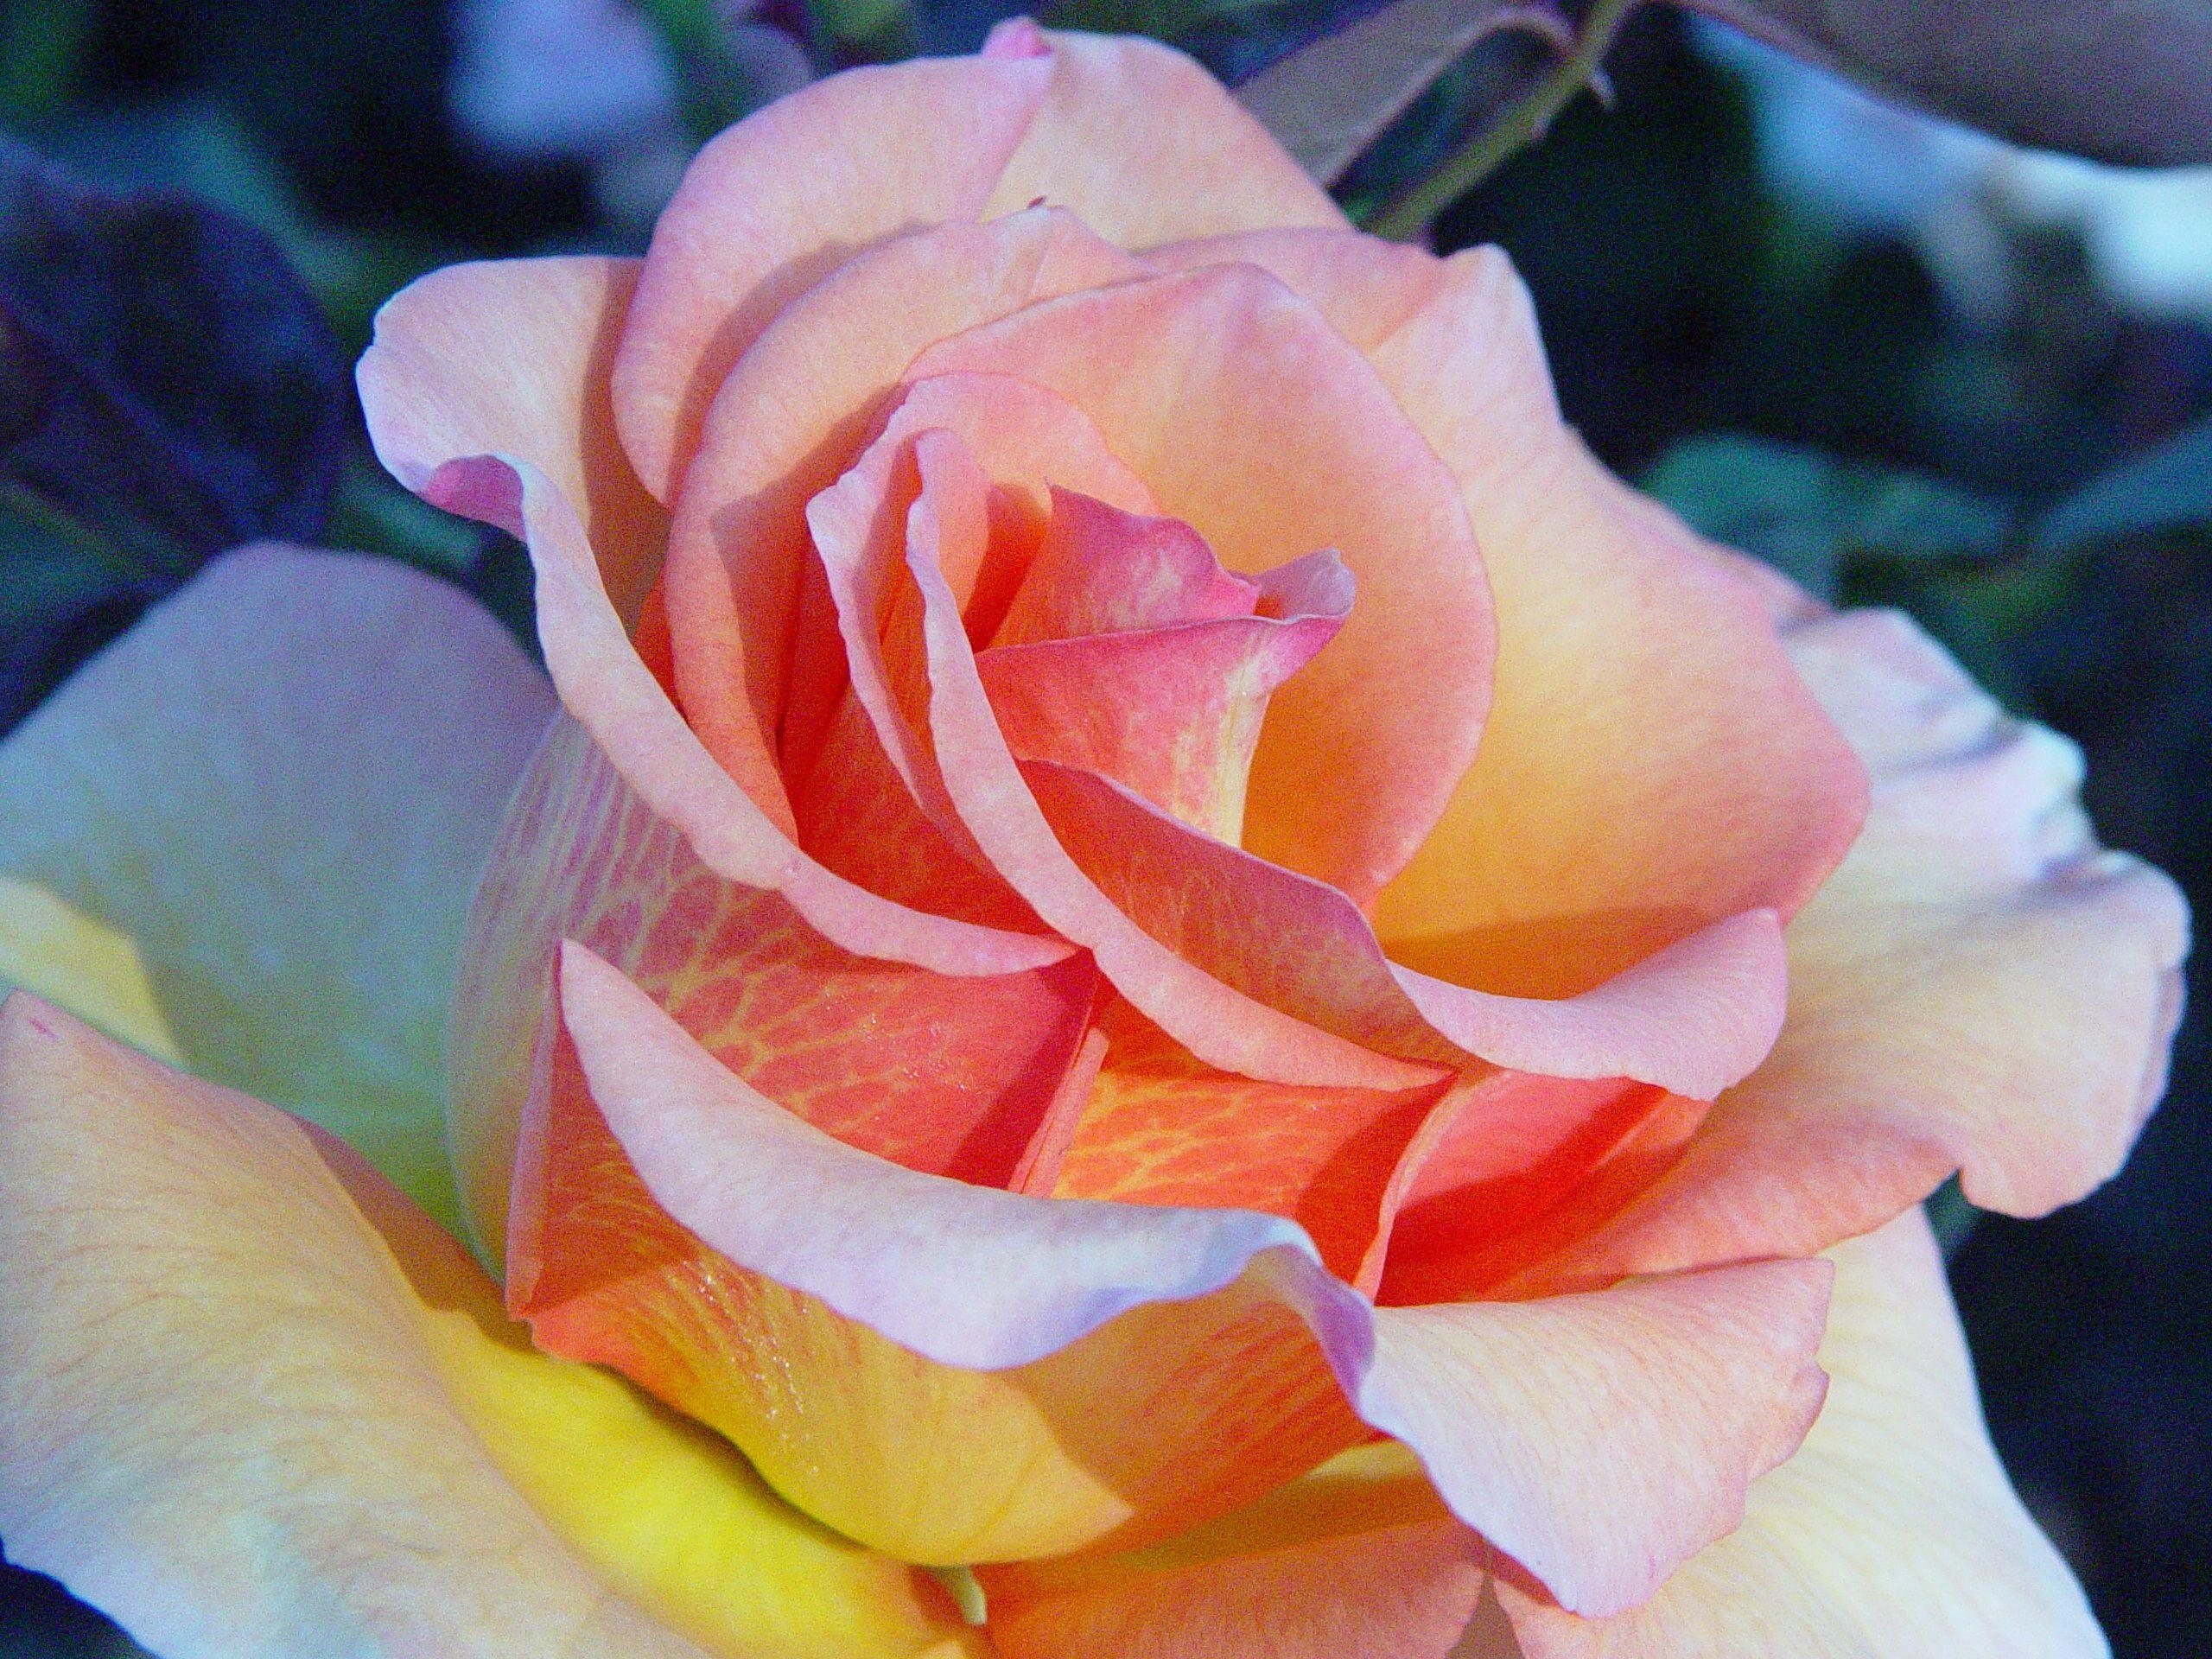 Sunstruck Big Flower Intricately Veined Bit Of A Showstopper In A Vase Rose Big Flowers Rose Fragrance